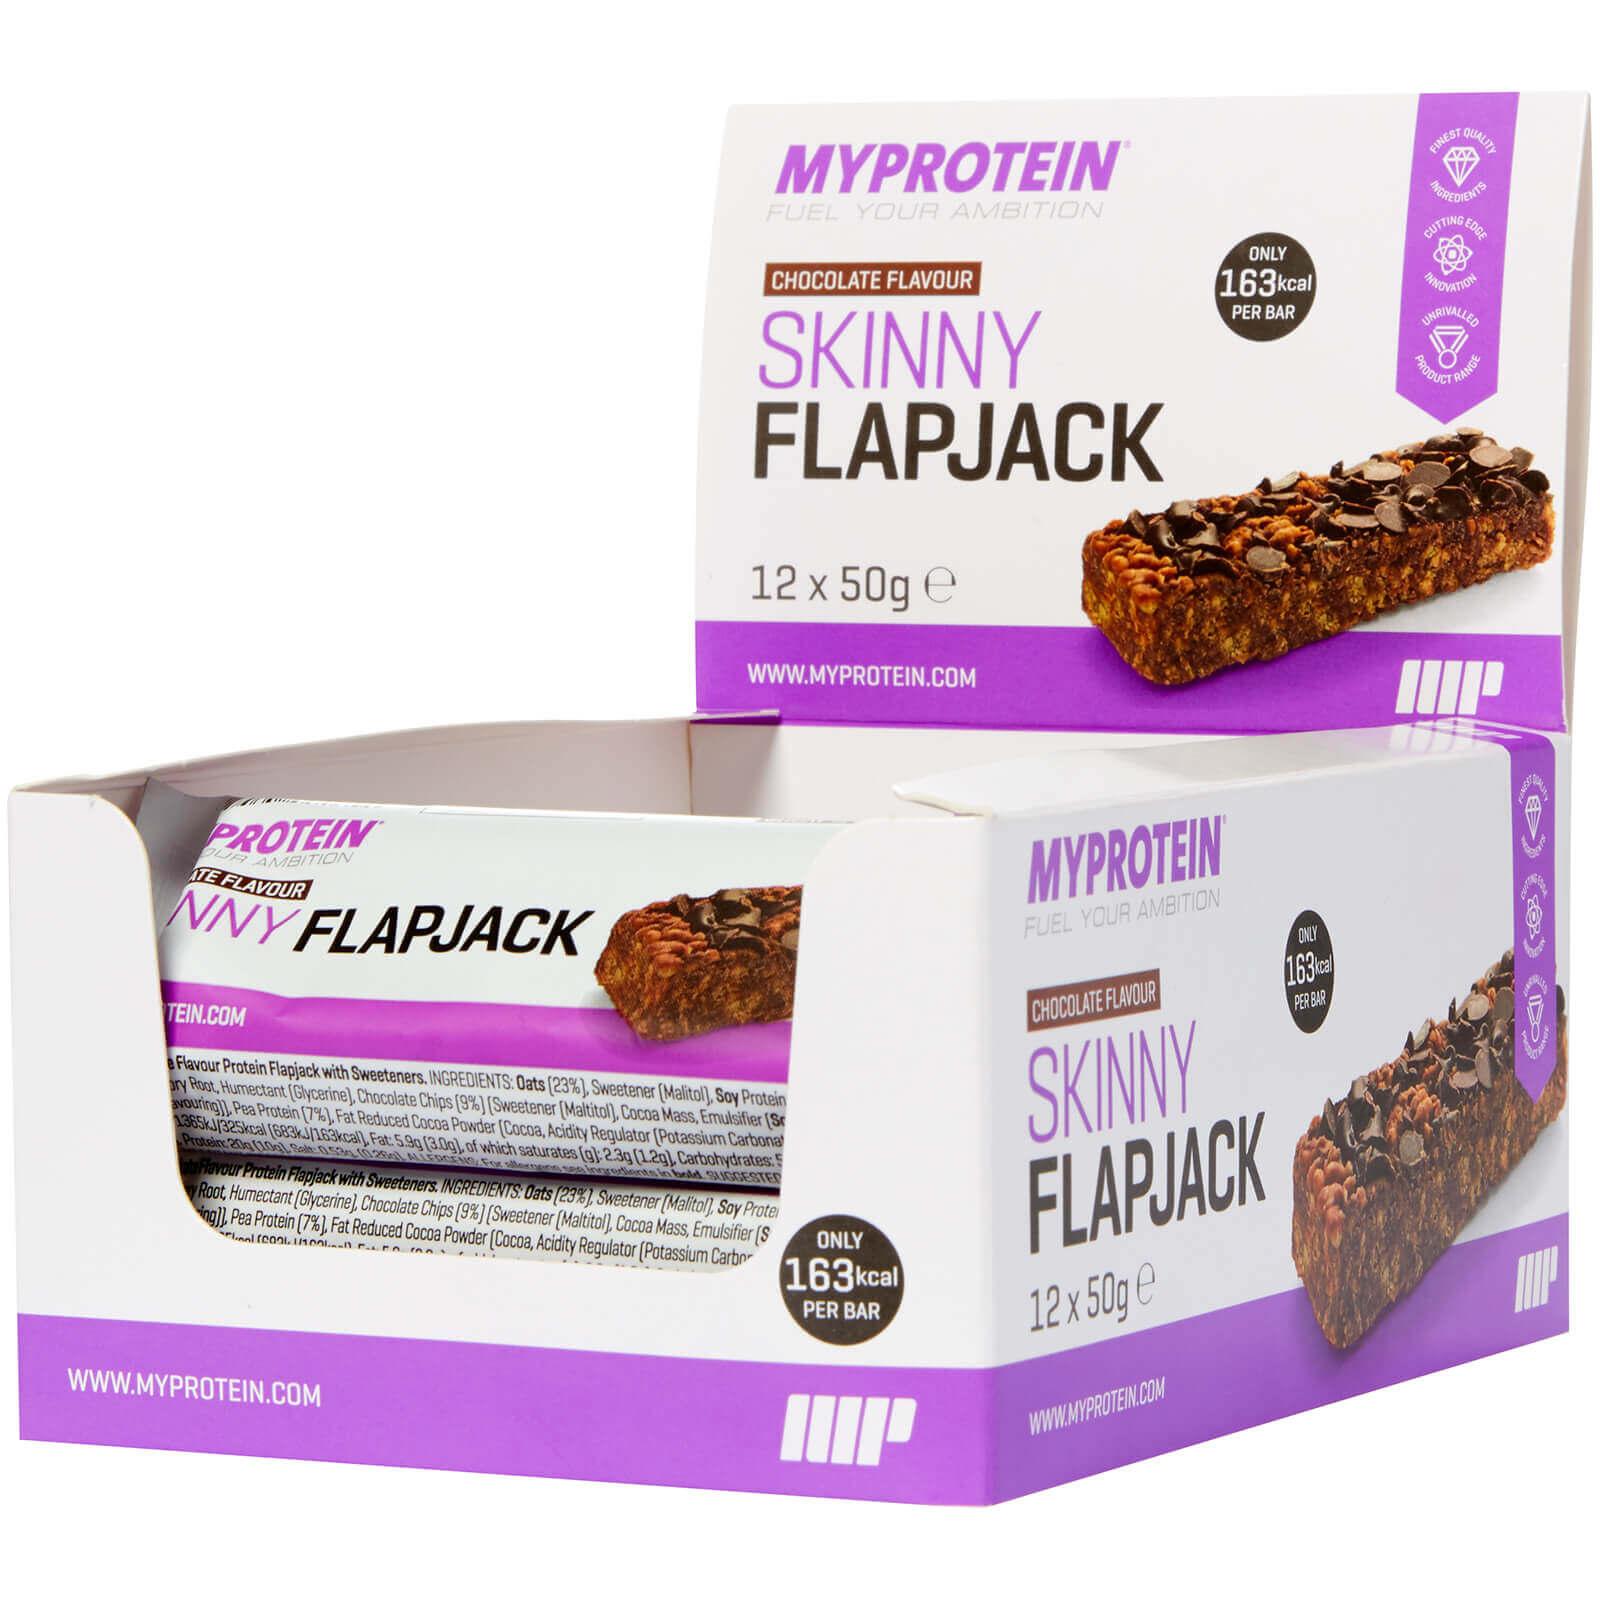 Skinny Flapjacks